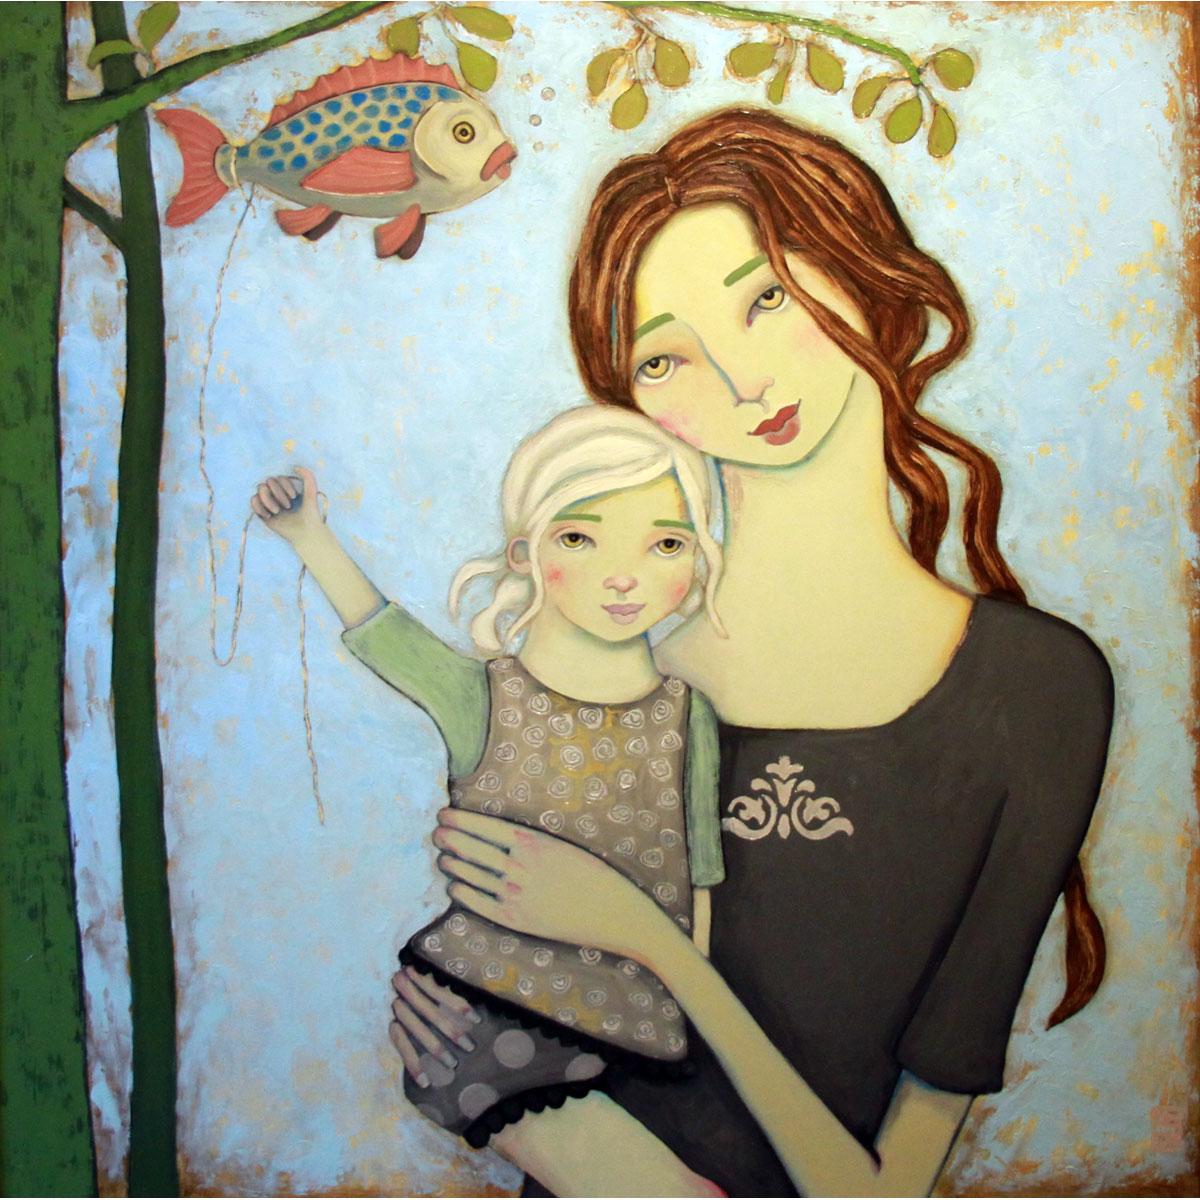 Little Sarah by Heather Barron